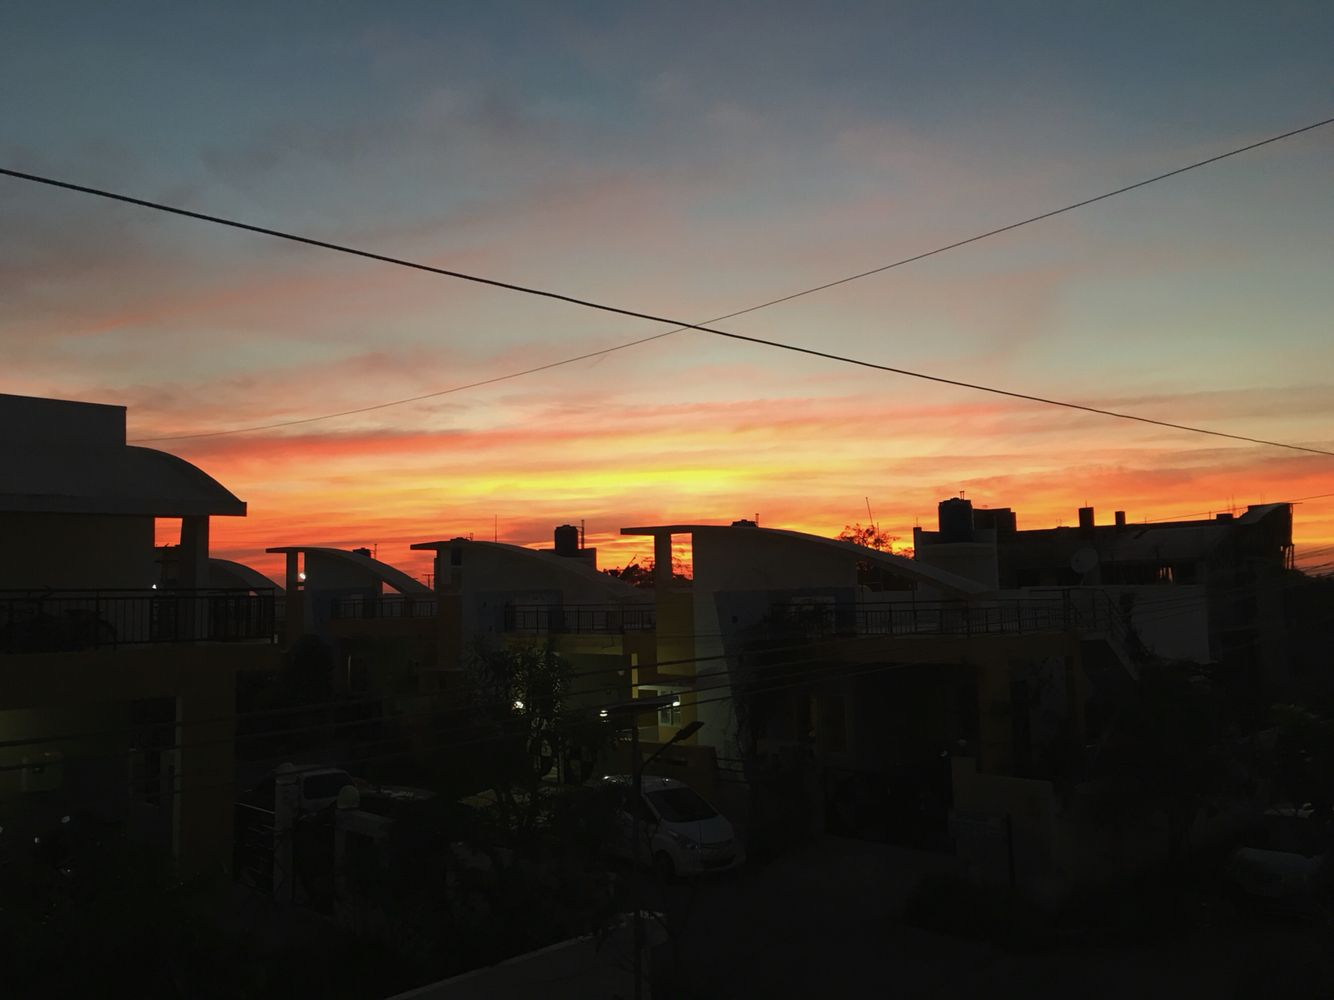 Sunset... # unedited #iphone6s